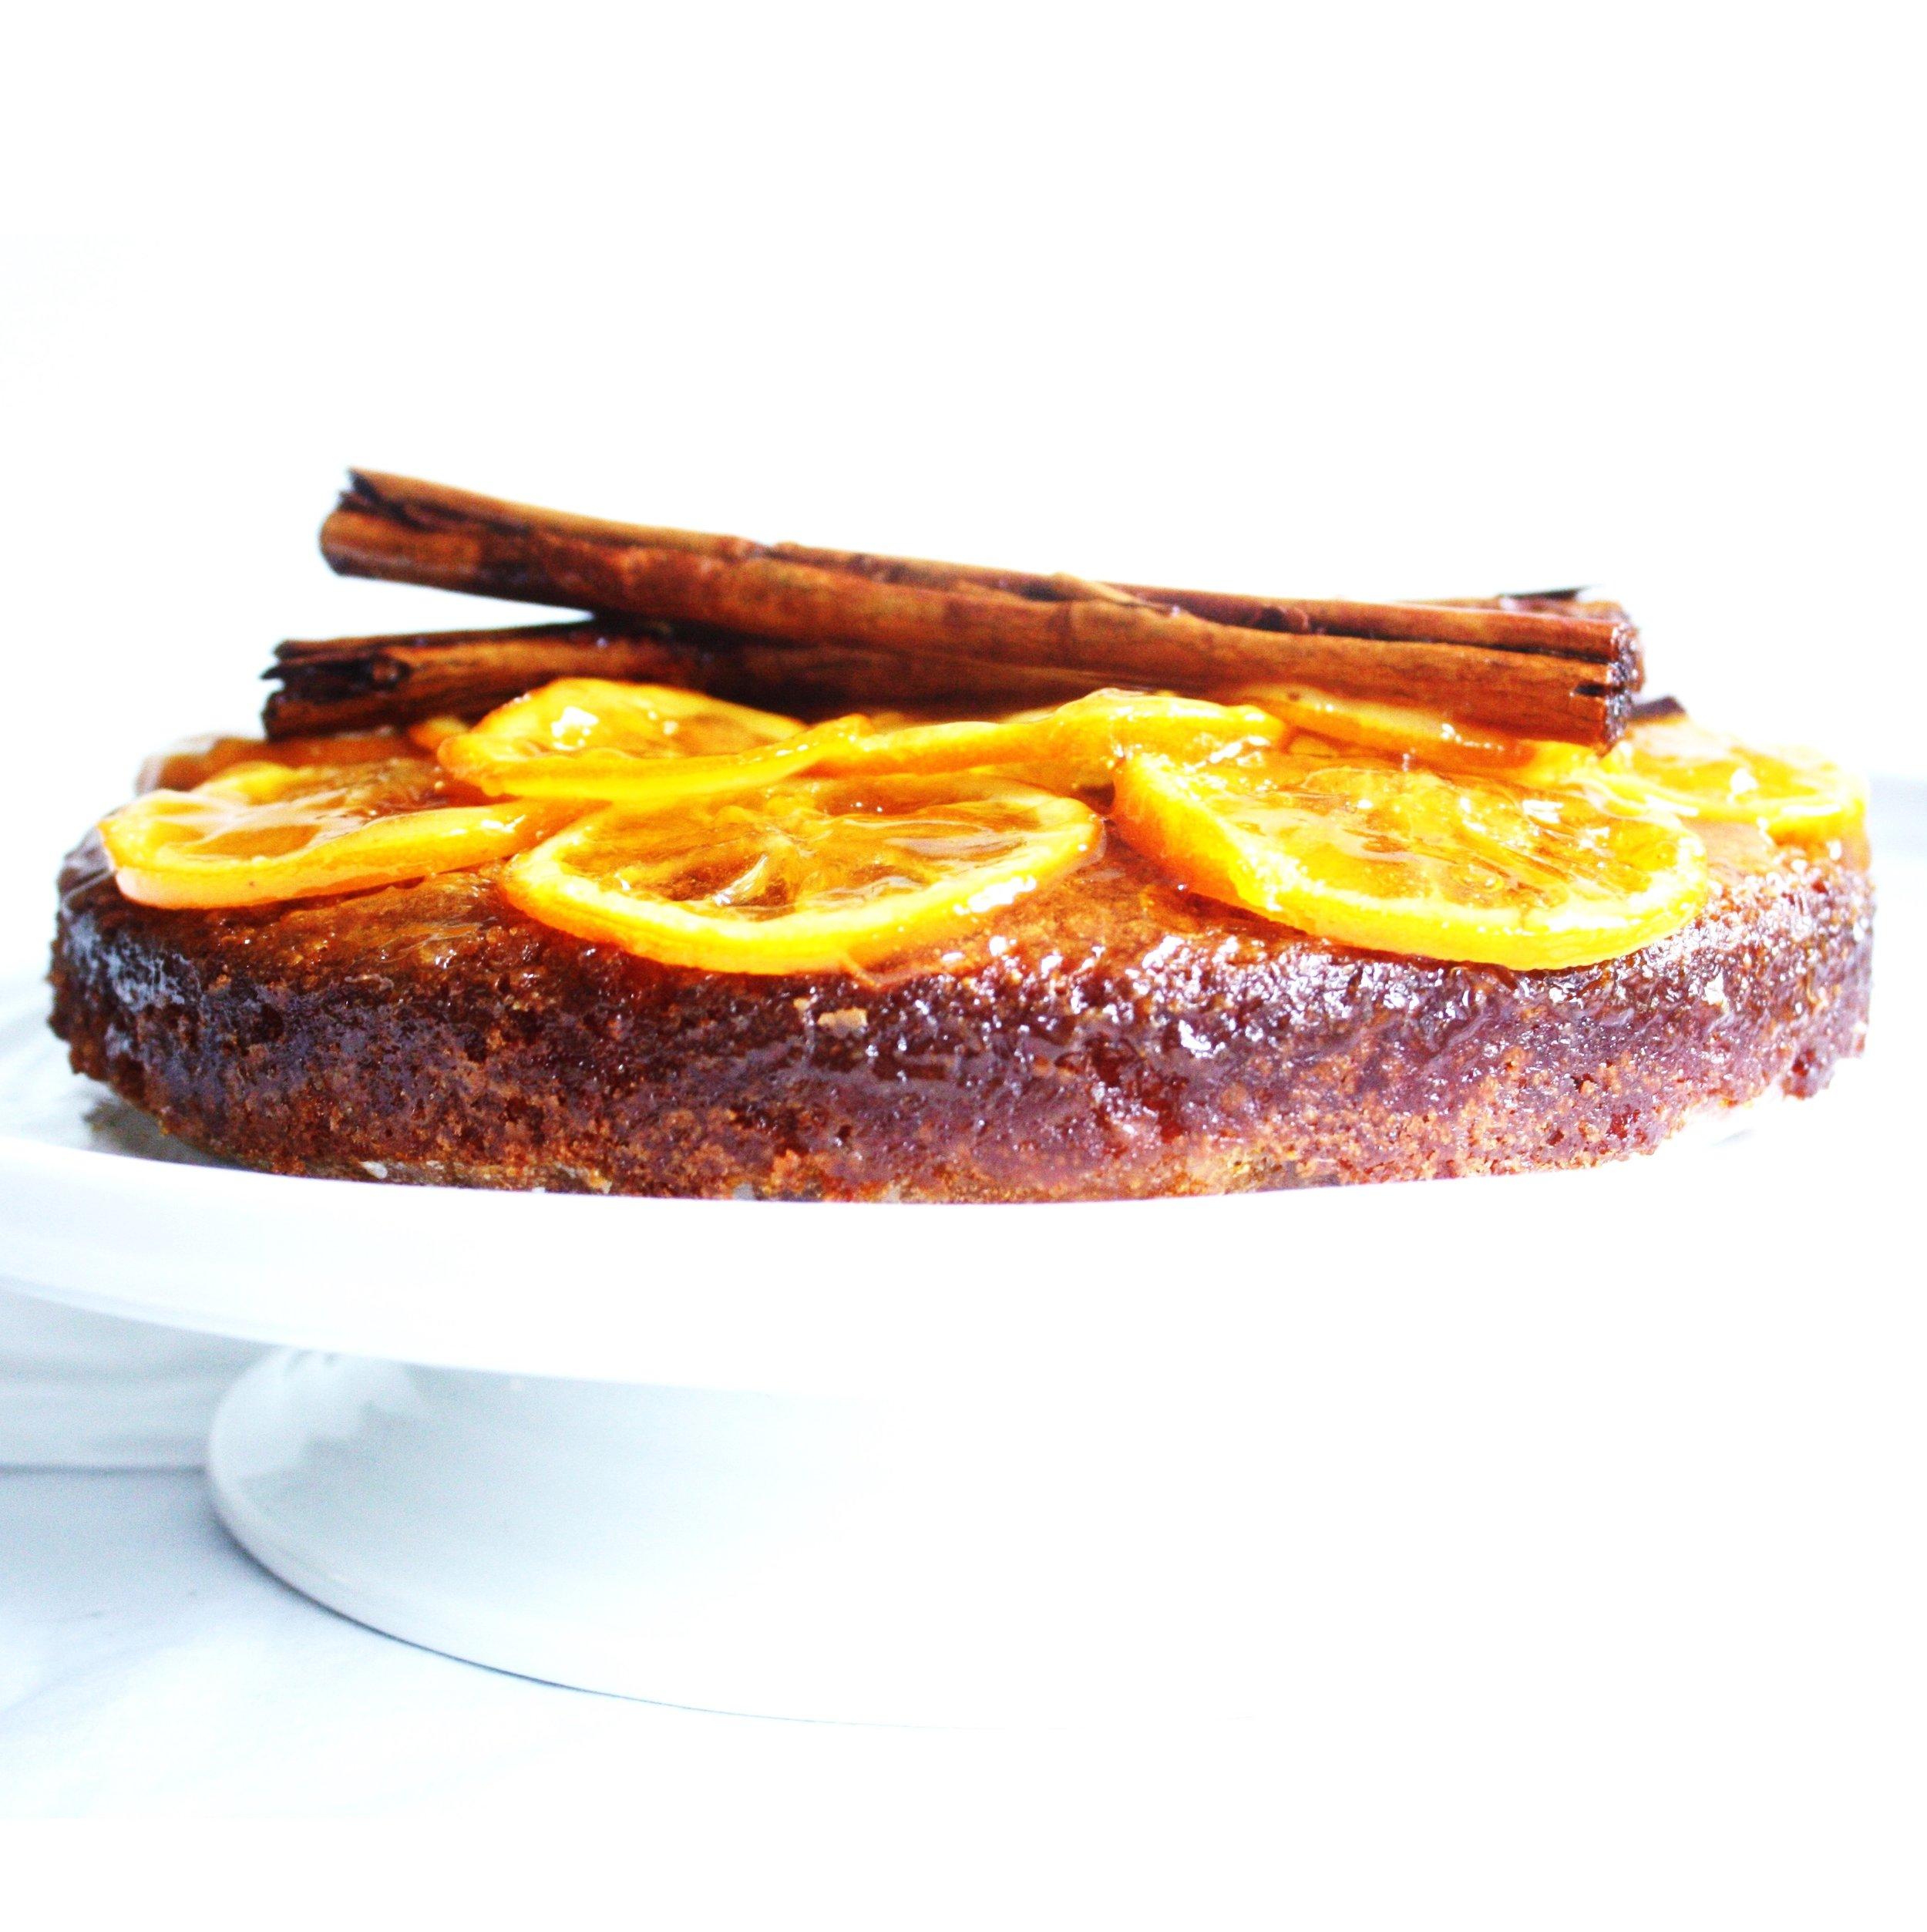 orangecake2 (3)